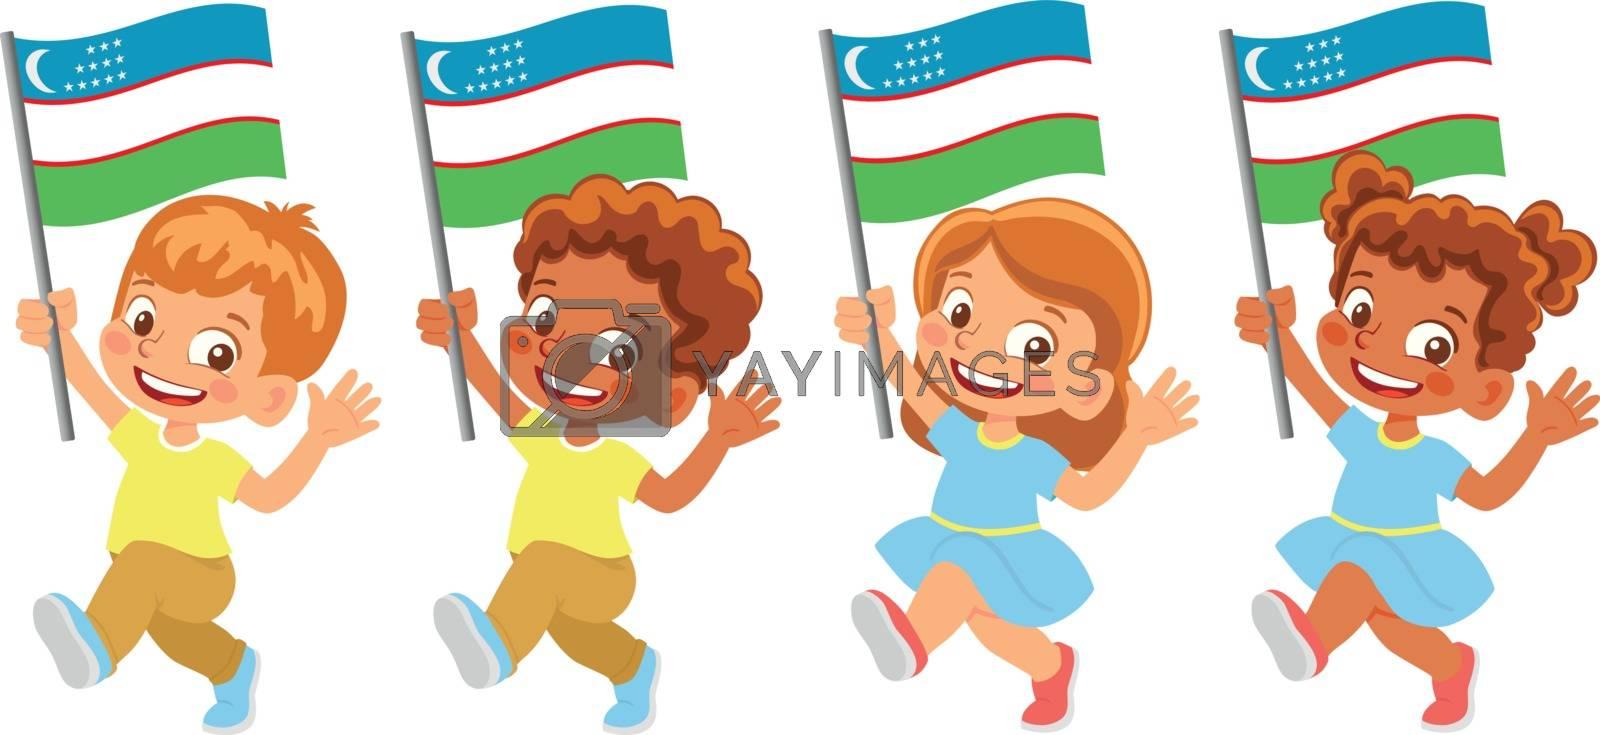 Uzbekistan flag in hand. Children holding flag. National flag of Uzbekistan vector